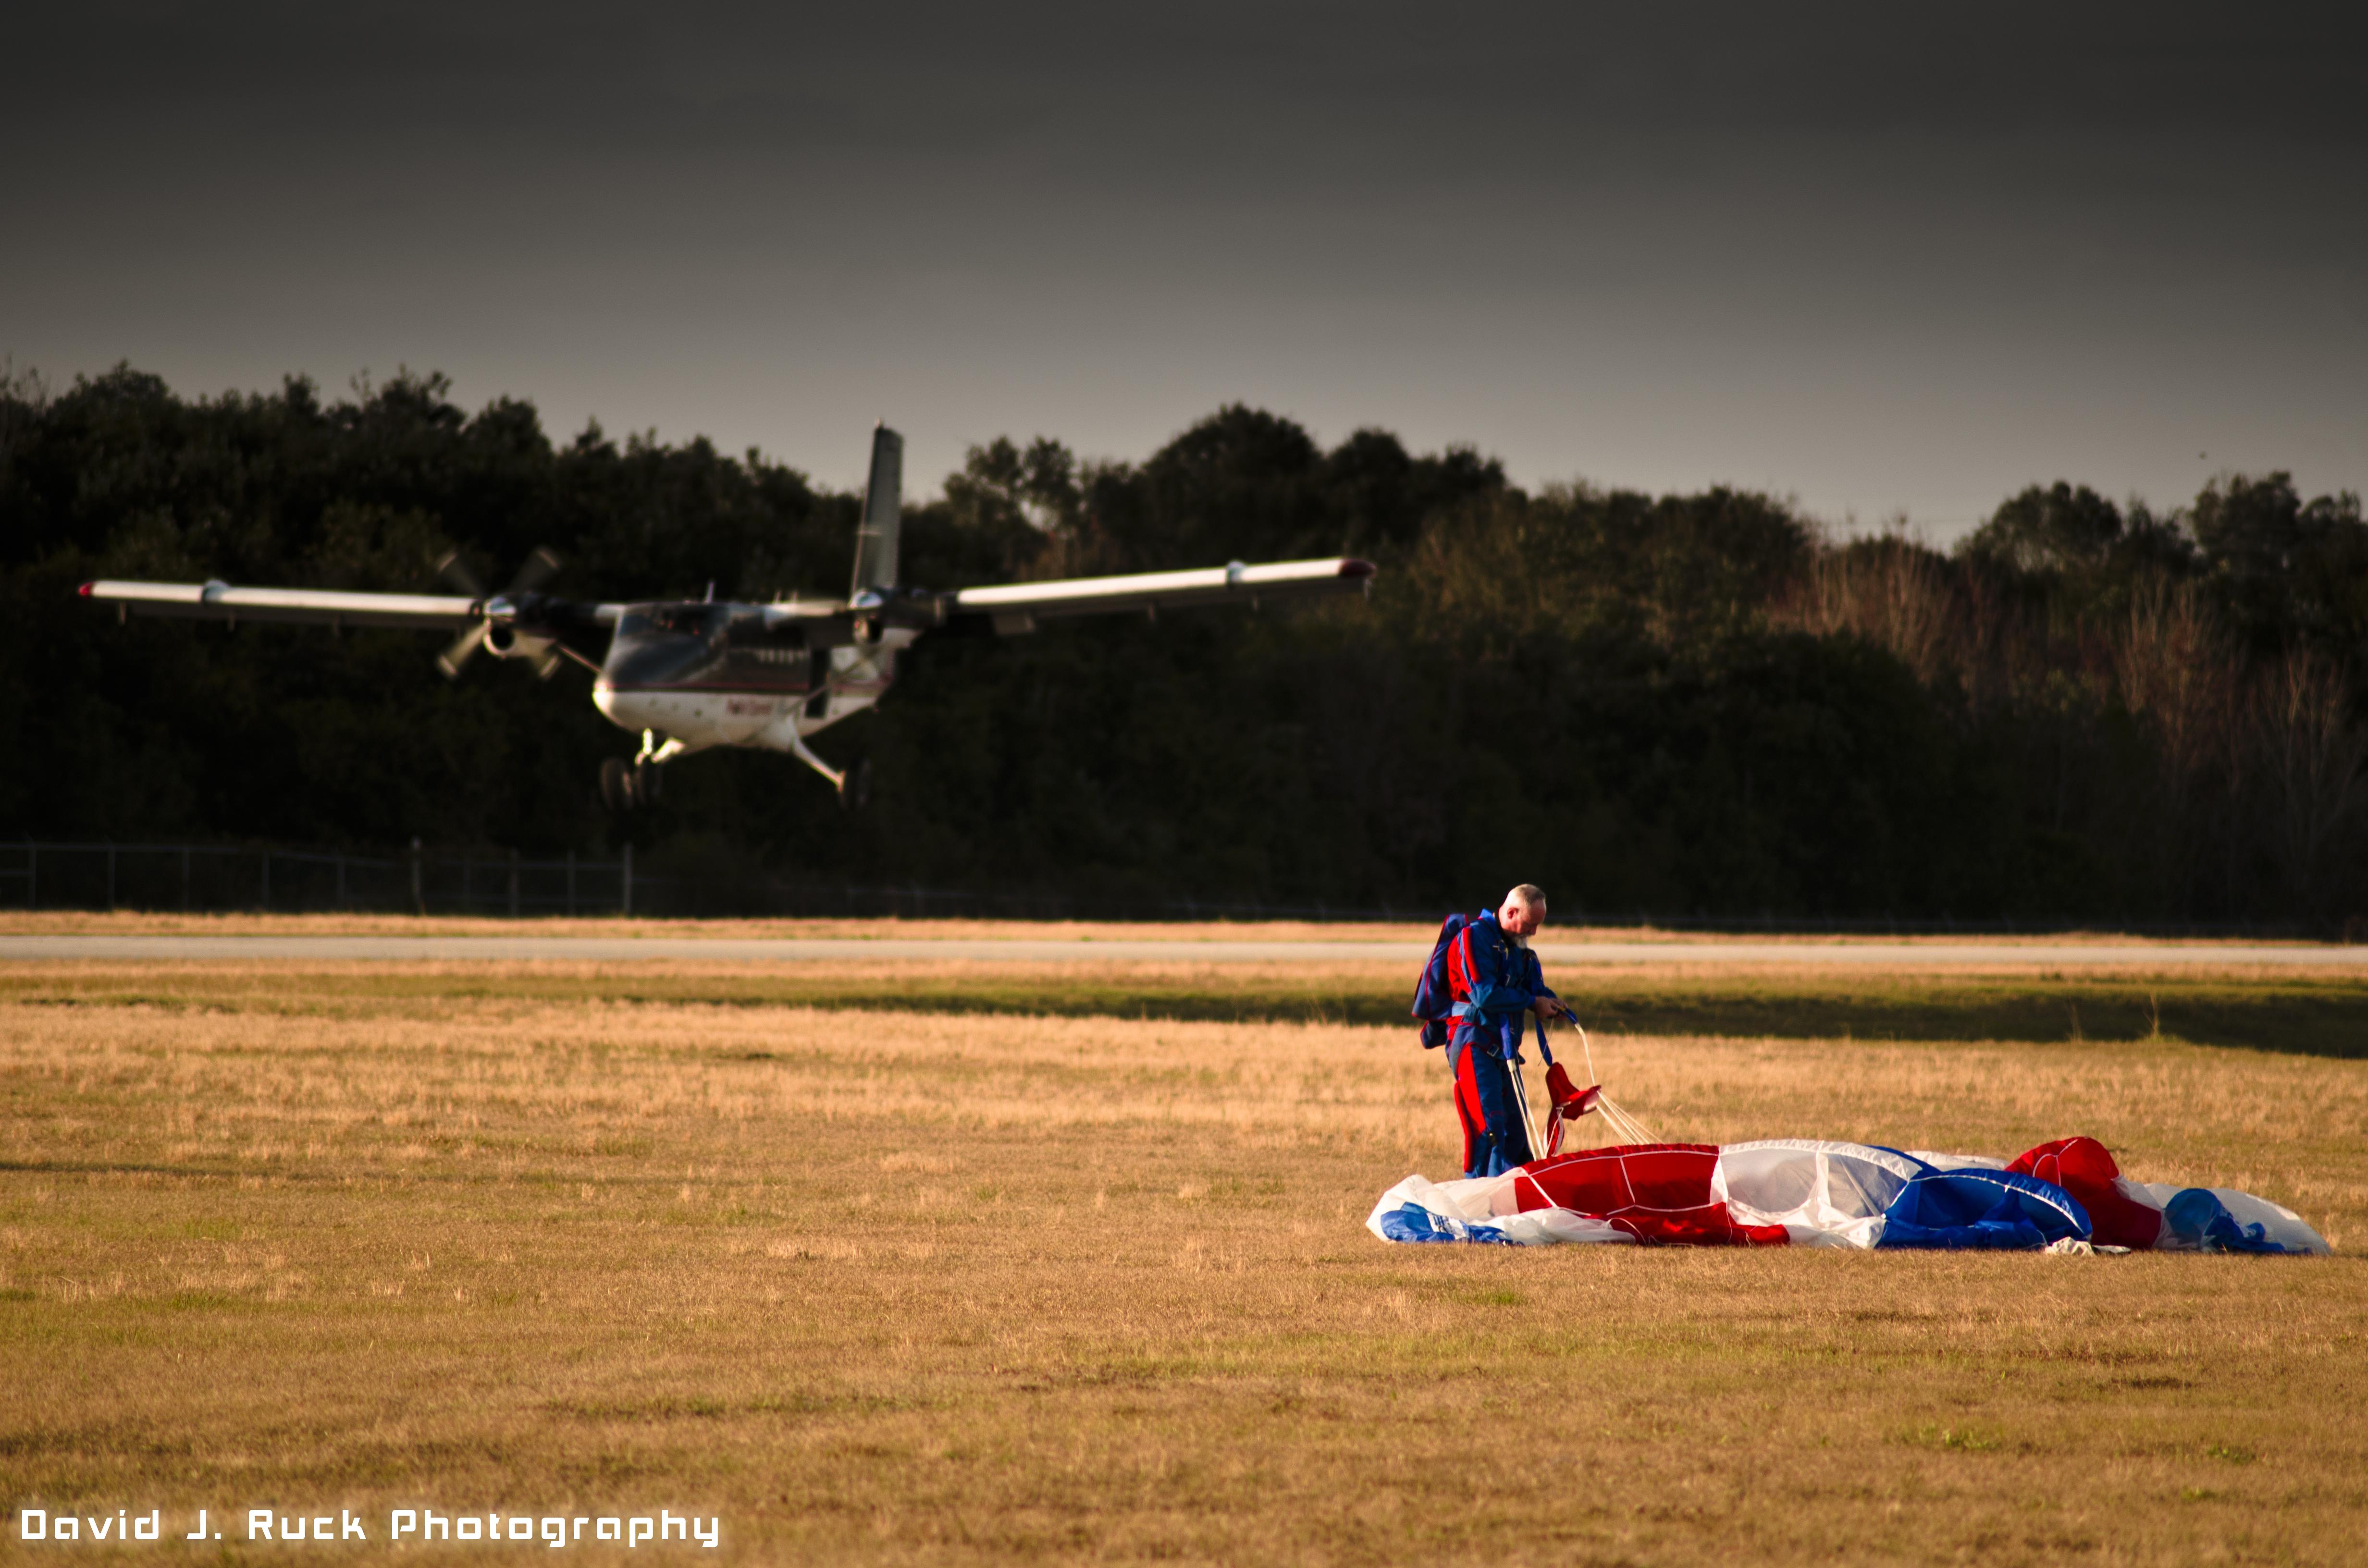 Skydiving at Lake Wales, Florida